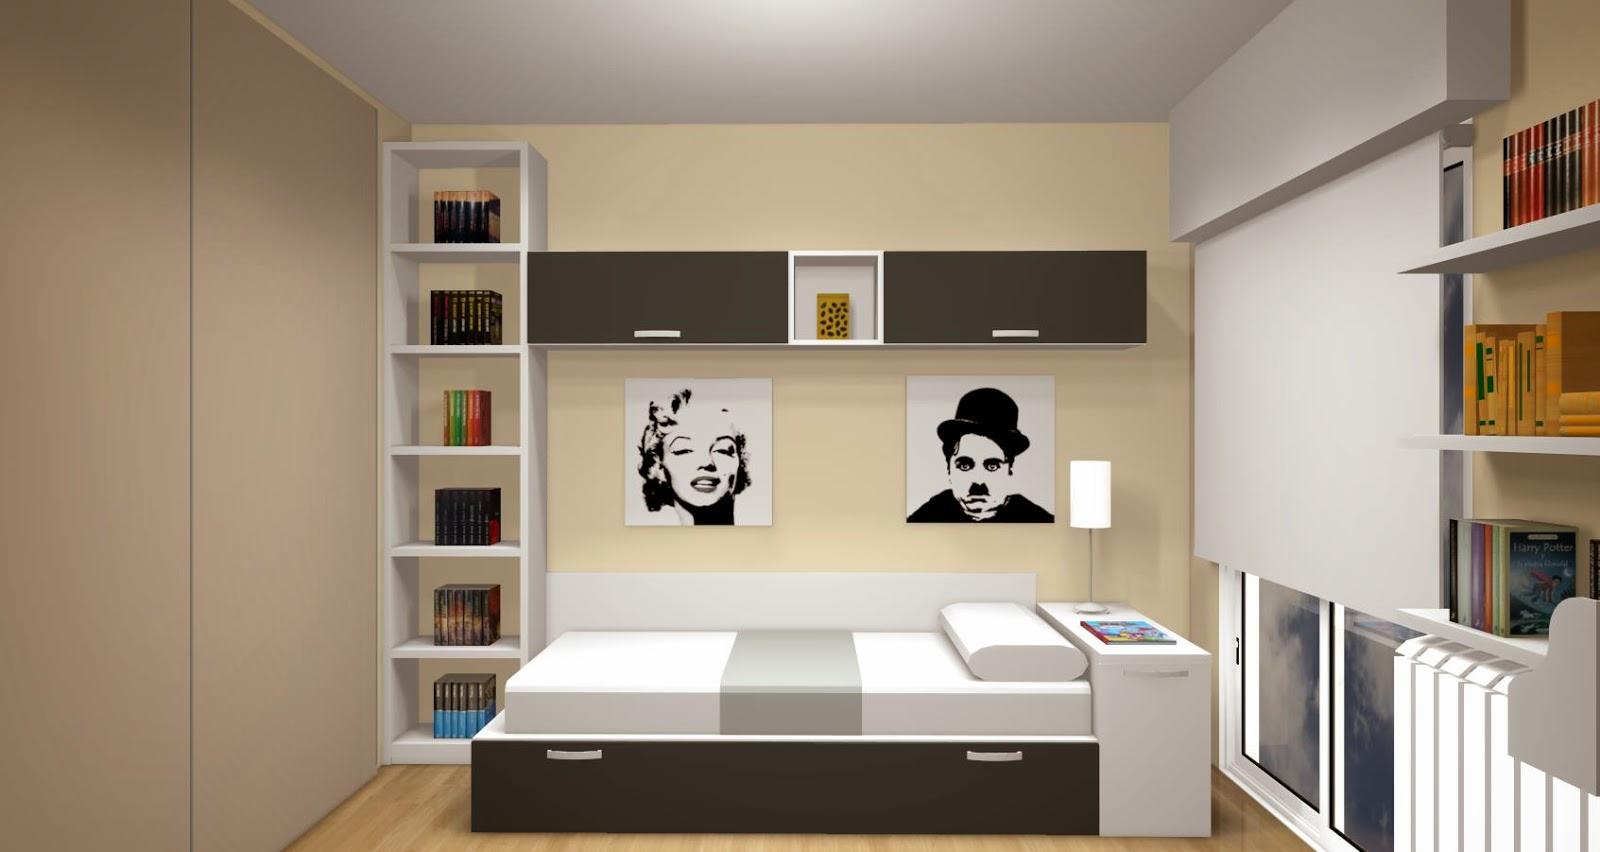 Publicado por raquel martin en 20 25 no hay comentarios - Dormitorio juvenil nino ...